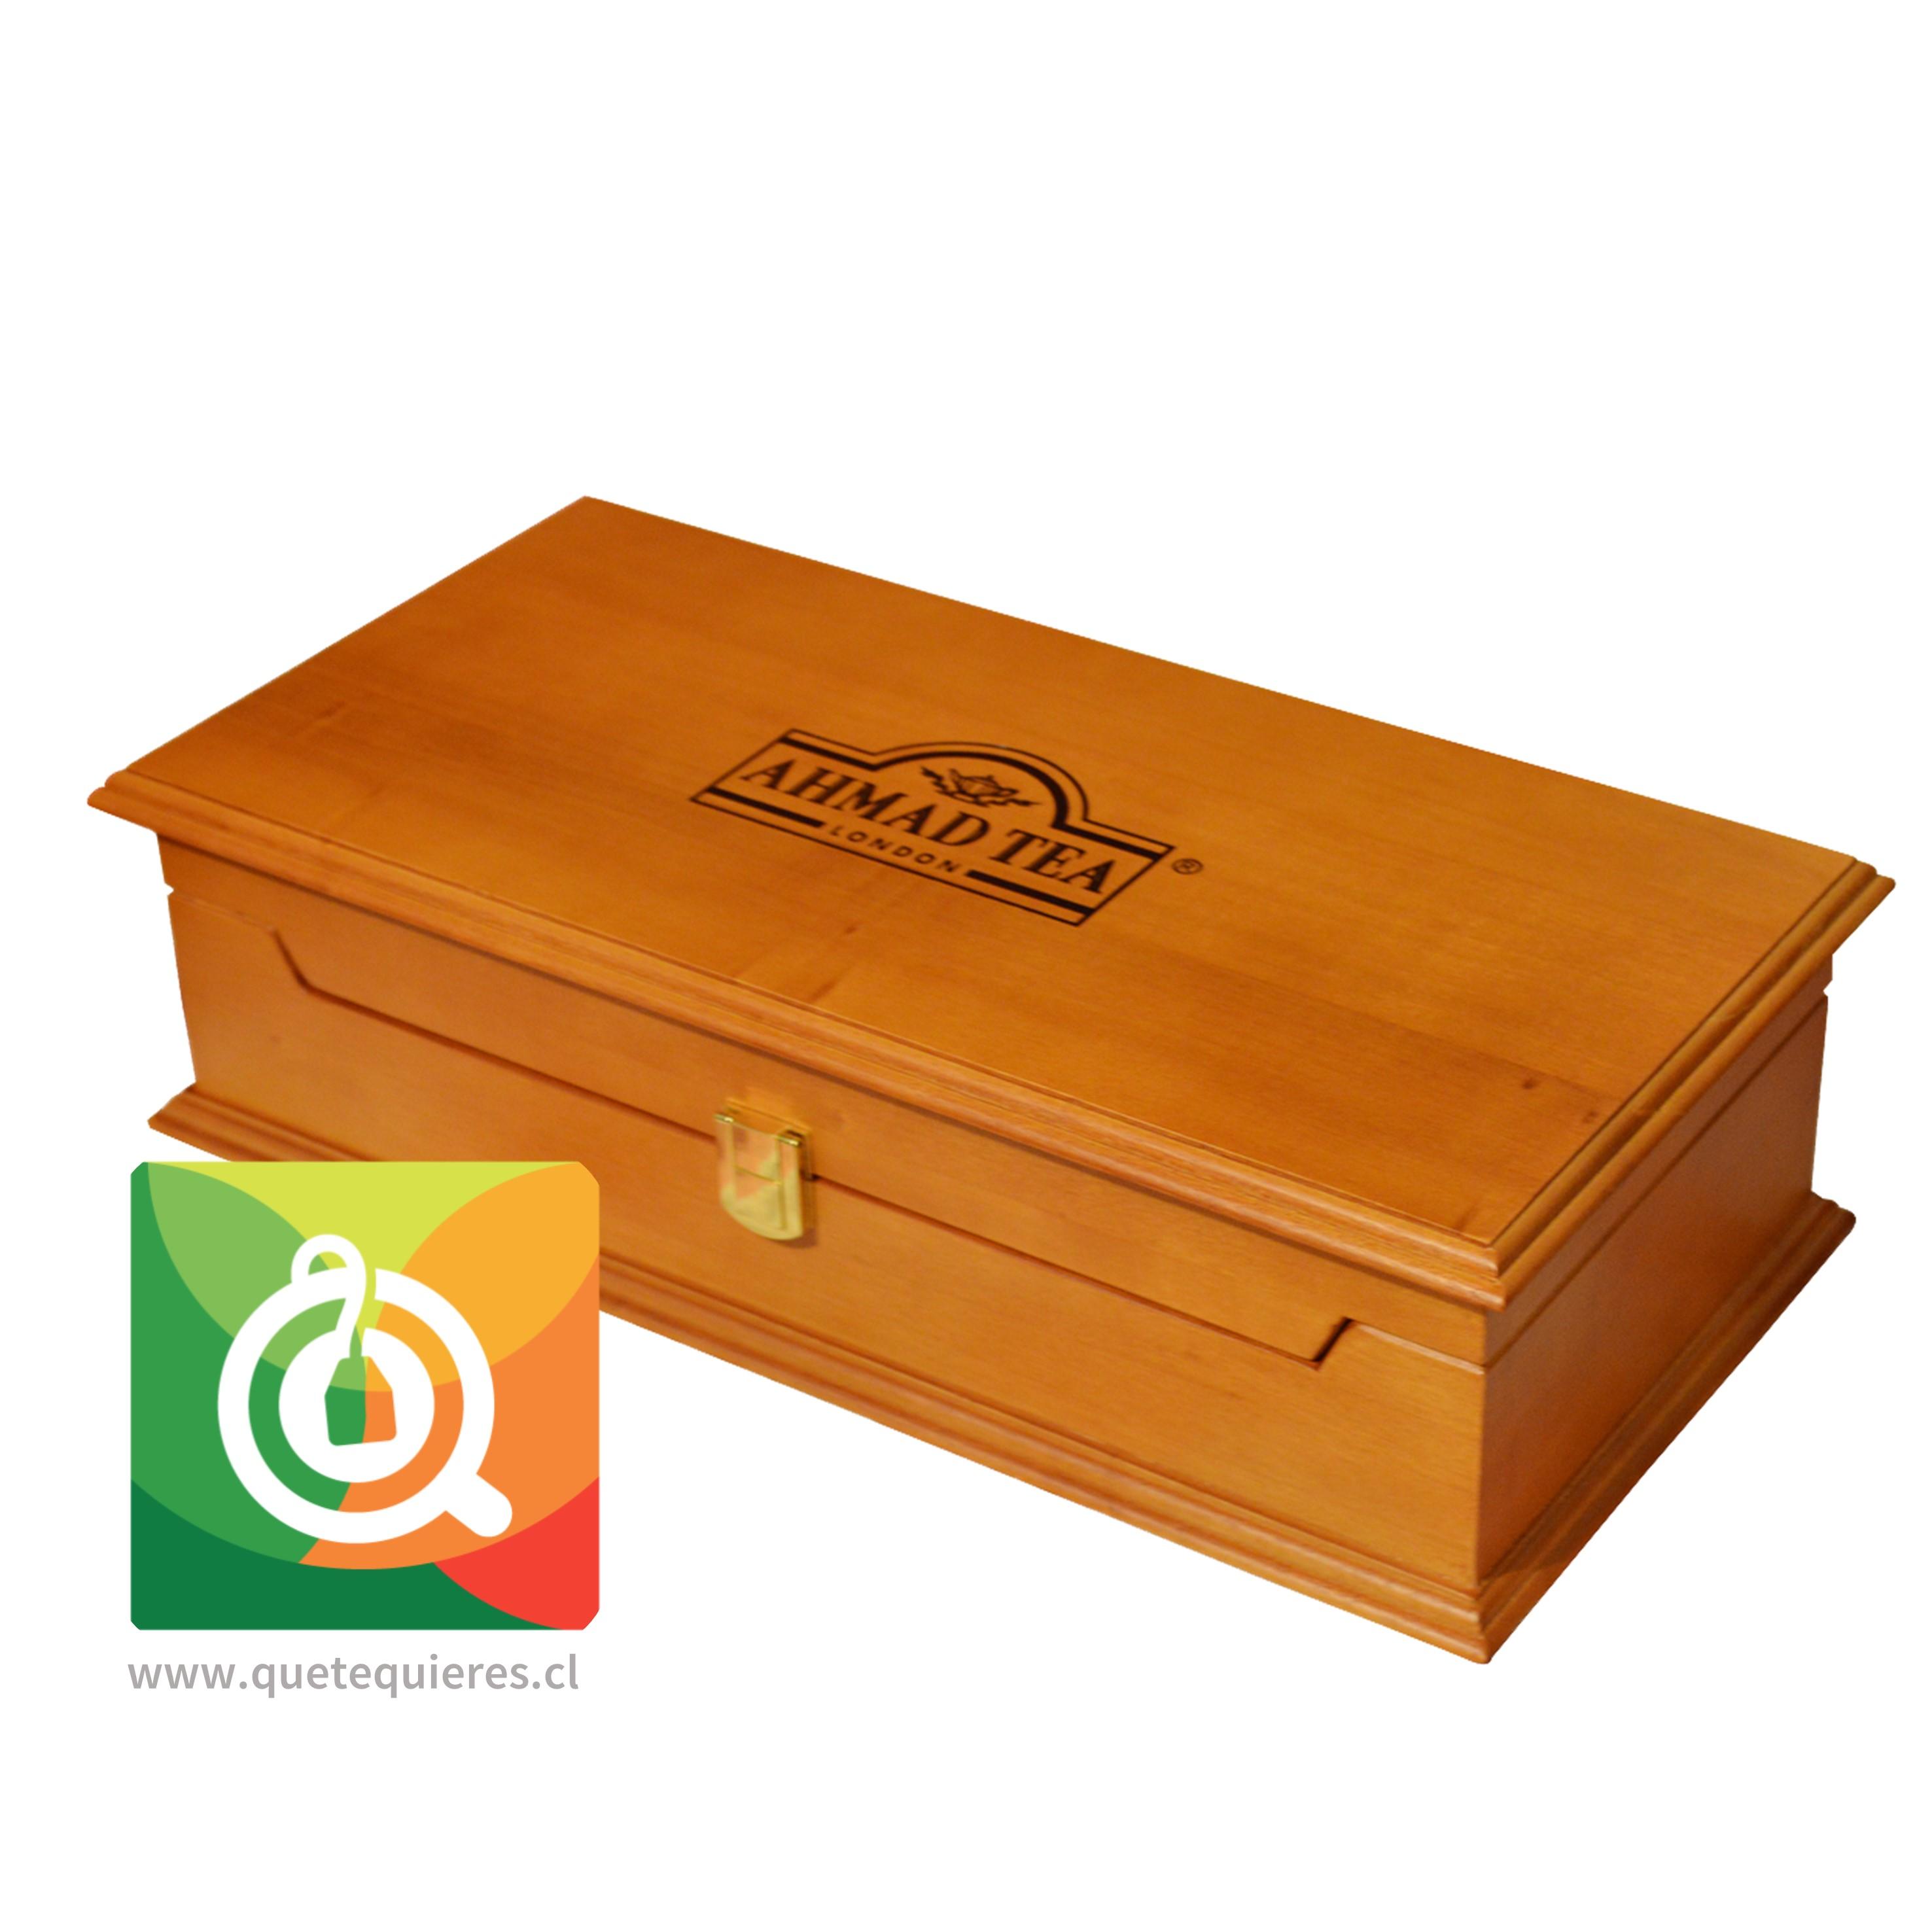 Ahmad Caja de Madera - Presentador de Madera 10 divisiones